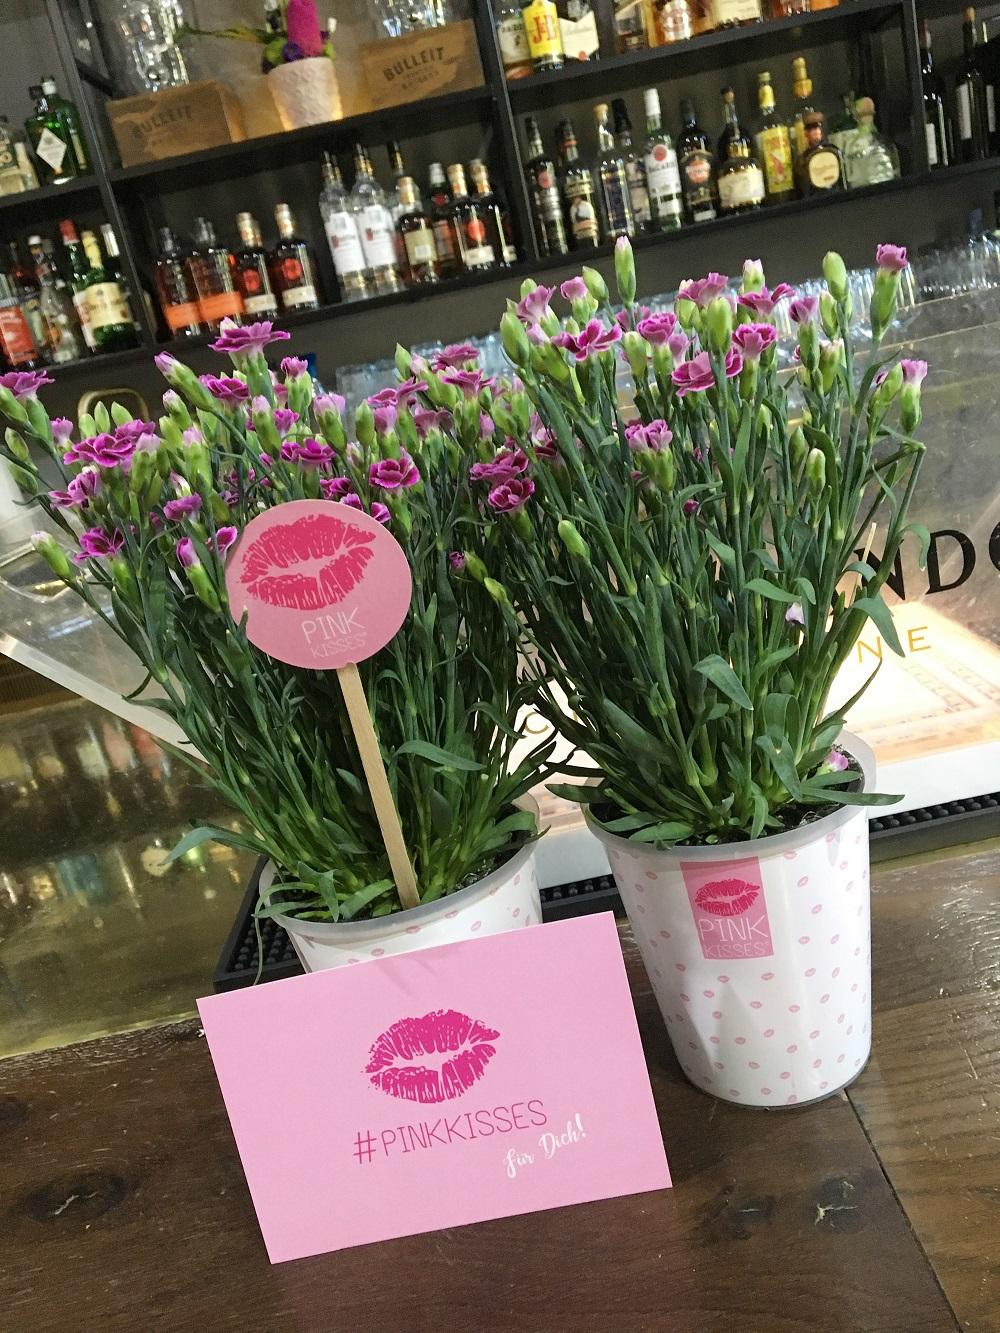 Green Cosmetics Bloggerevent zwei Blumentöpfe mit PinkKisses Mininelken